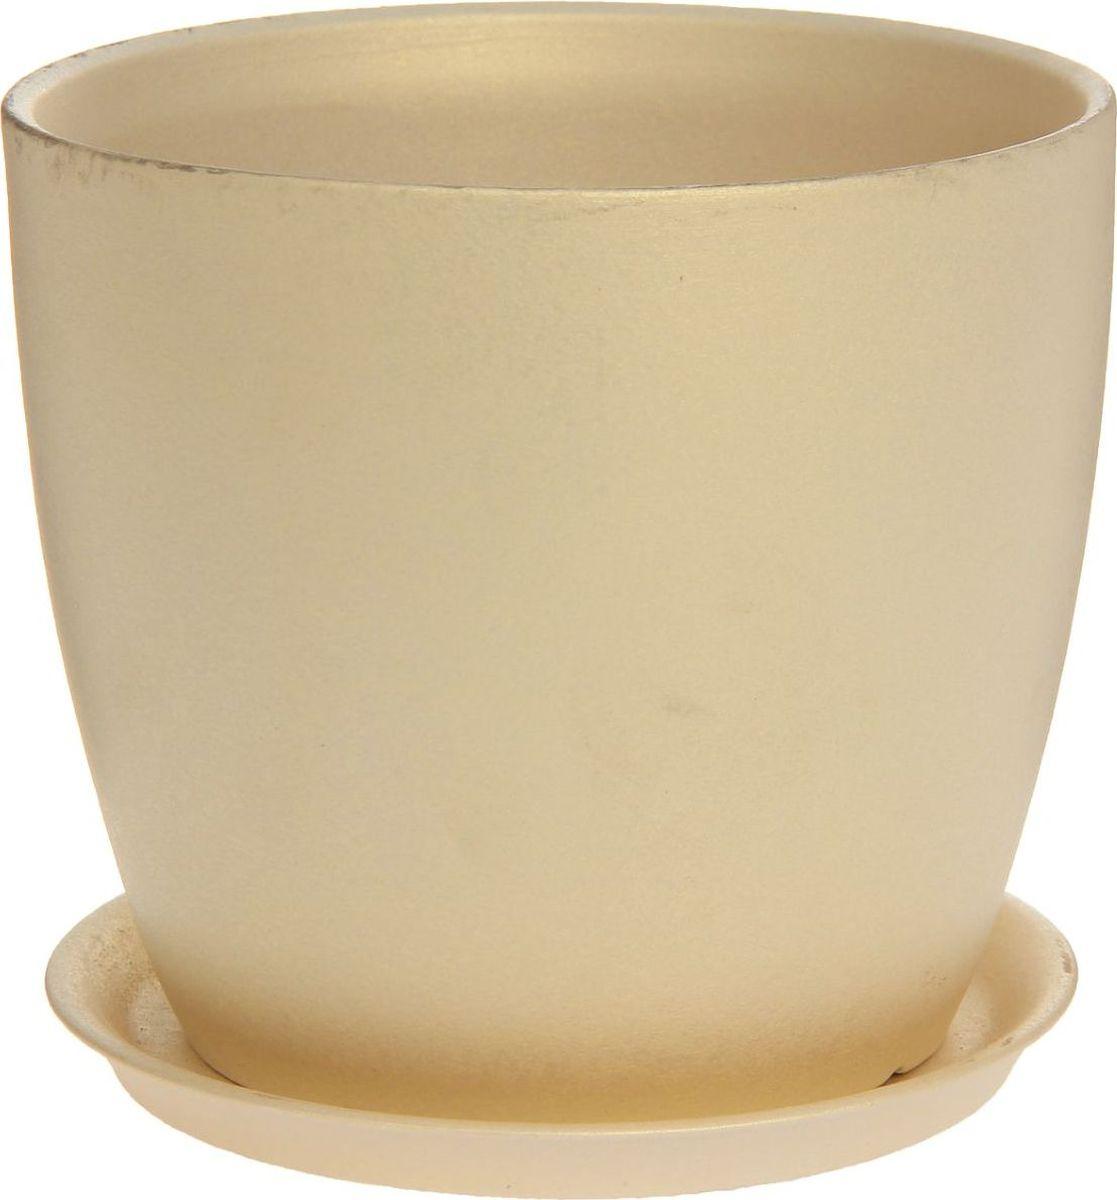 Кашпо Керамика ручной работы Осень. Перламутр, цвет: перламутровый, 3 л1170352Комнатные растения — всеобщие любимцы. Они радуют глаз, насыщают помещение кислородом и украшают пространство. Каждому из них необходим свой удобный и красивый дом. Кашпо из керамики прекрасно подходят для высадки растений: за счет пластичности глины и разных способов обработки существует великое множество форм и дизайнов пористый материал позволяет испаряться лишней влаге воздух, необходимый для дыхания корней, проникает сквозь керамические стенки! позаботится о зеленом питомце, освежит интерьер и подчеркнет его стиль.